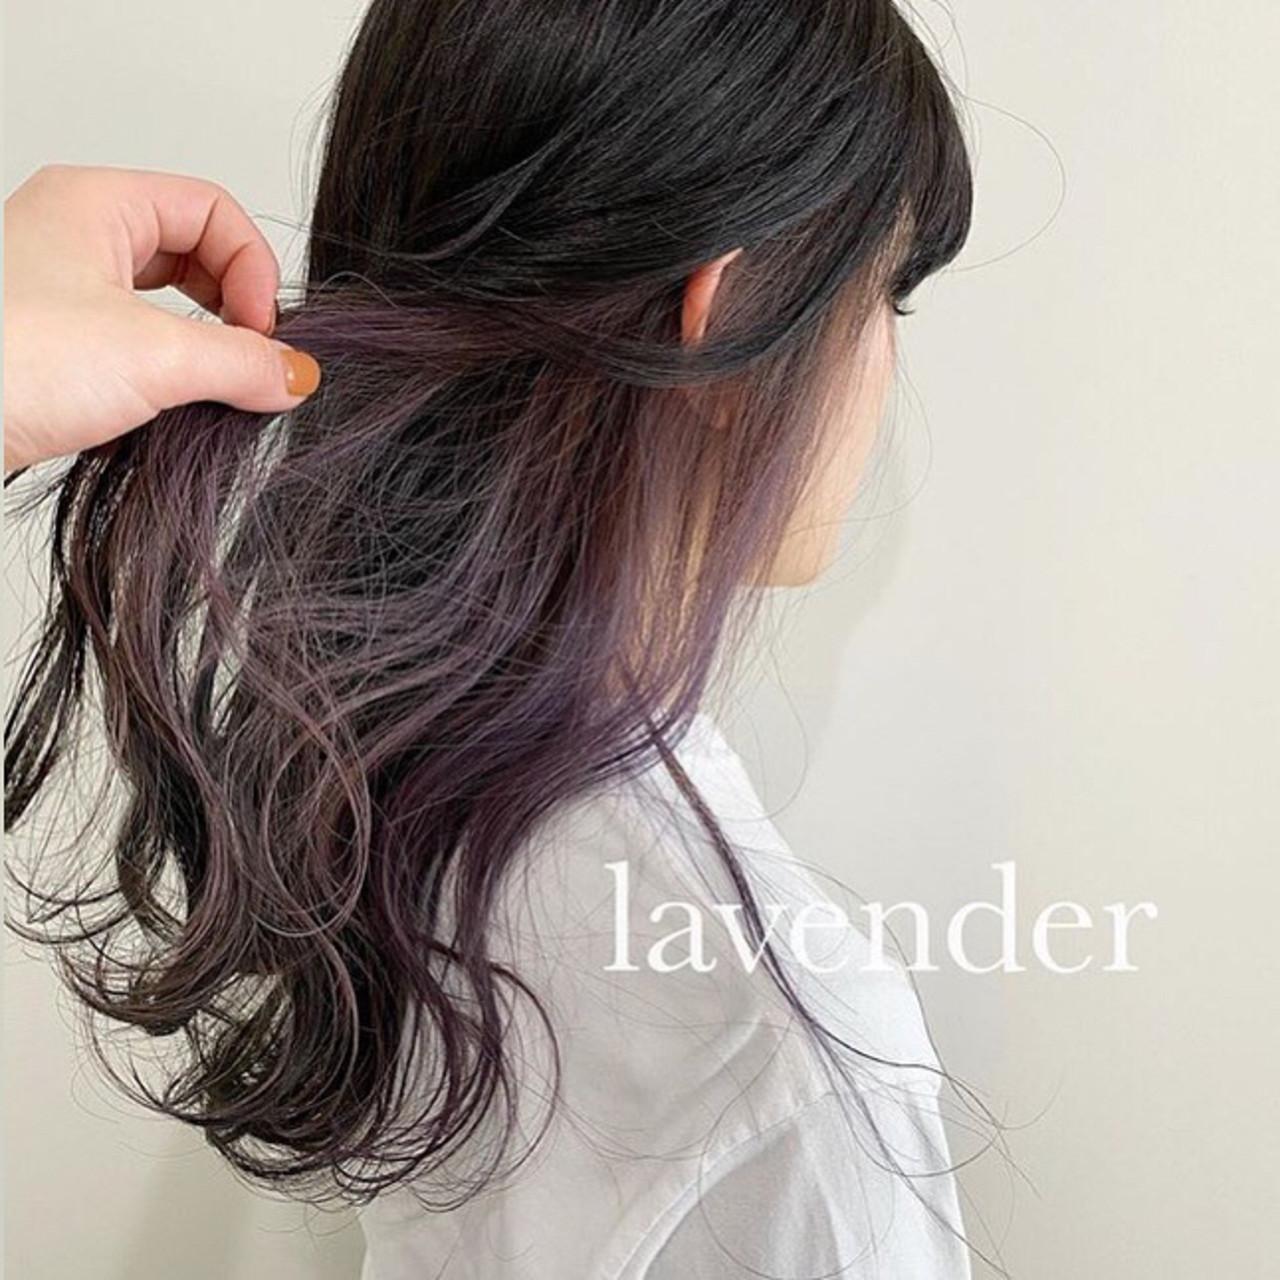 モード インナーカラー ブルーラベンダー ミディアム ヘアスタイルや髪型の写真・画像